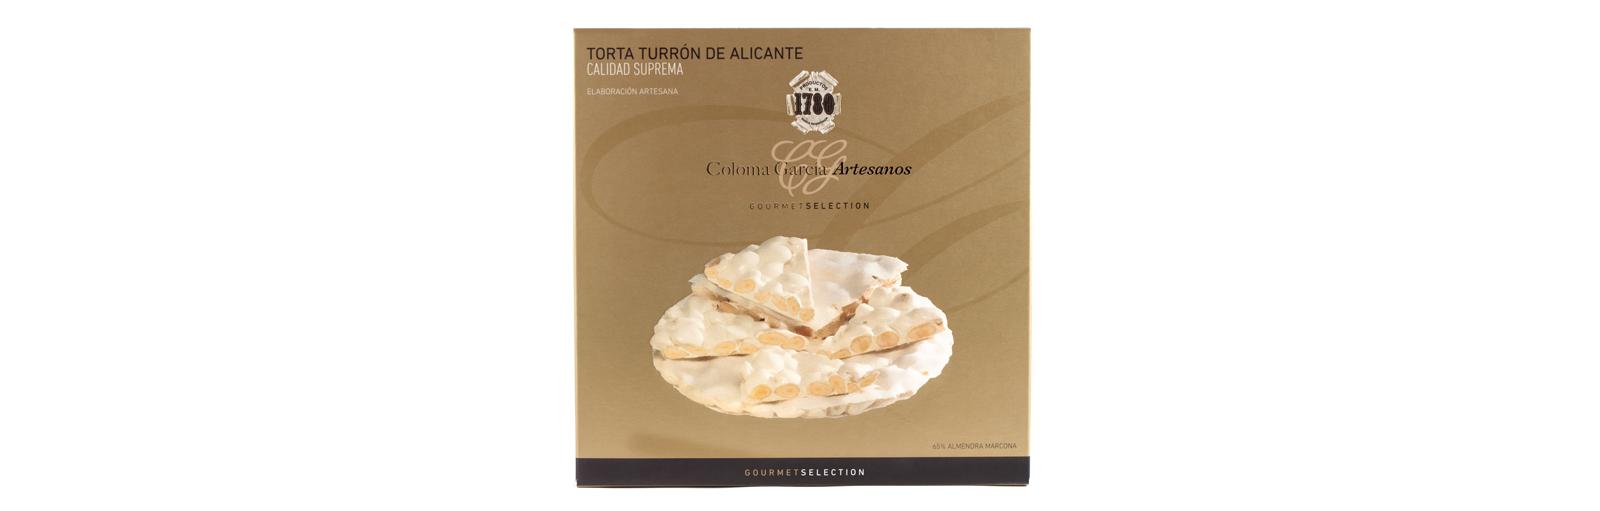 TORTA TURRON DE ALICANTE GOURMET